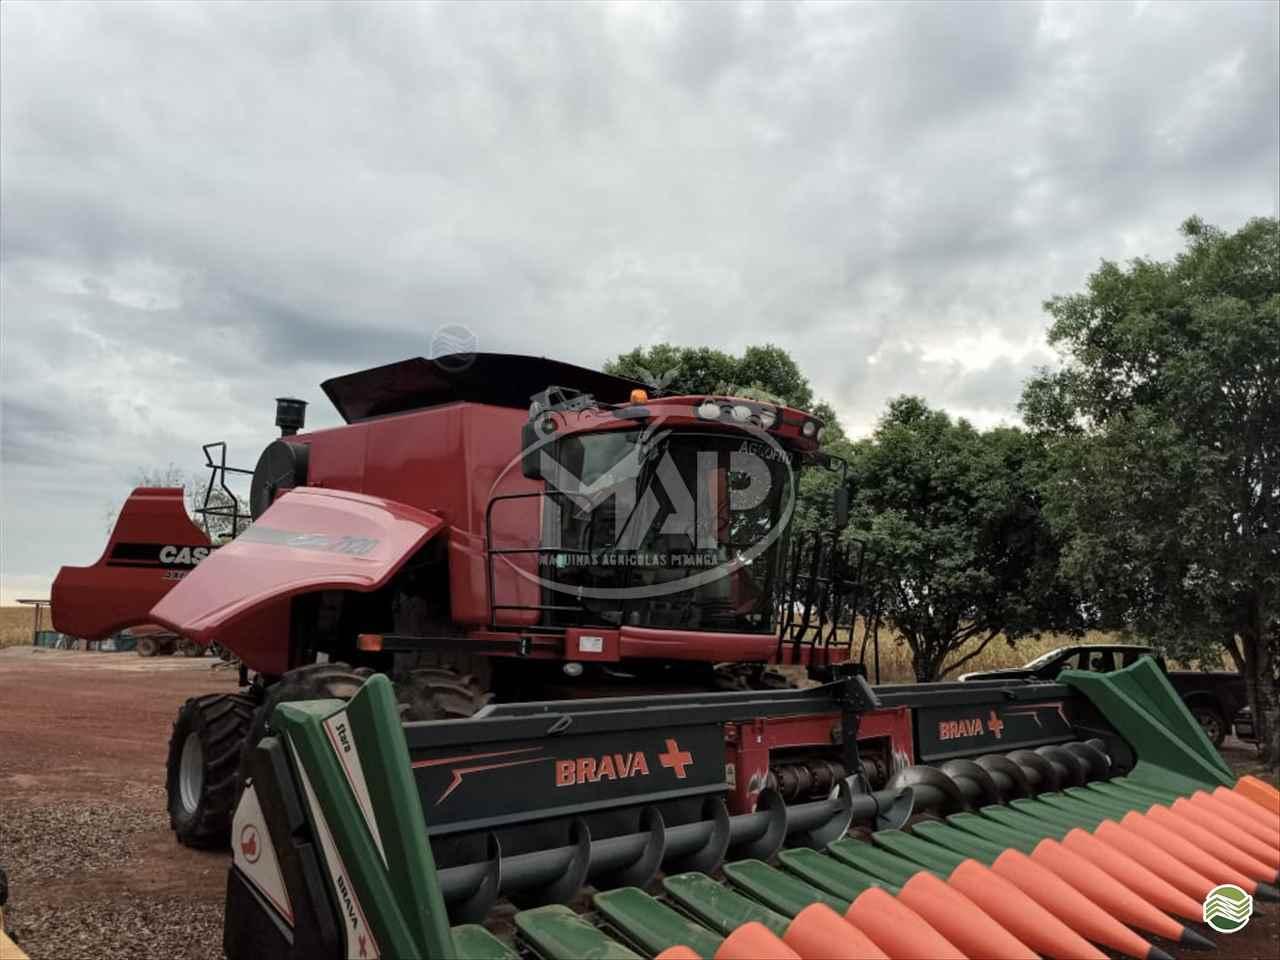 COLHEITADEIRA CASE CASE 7120 Máquinas Agrícolas Pitanga PITANGA PARANÁ PR